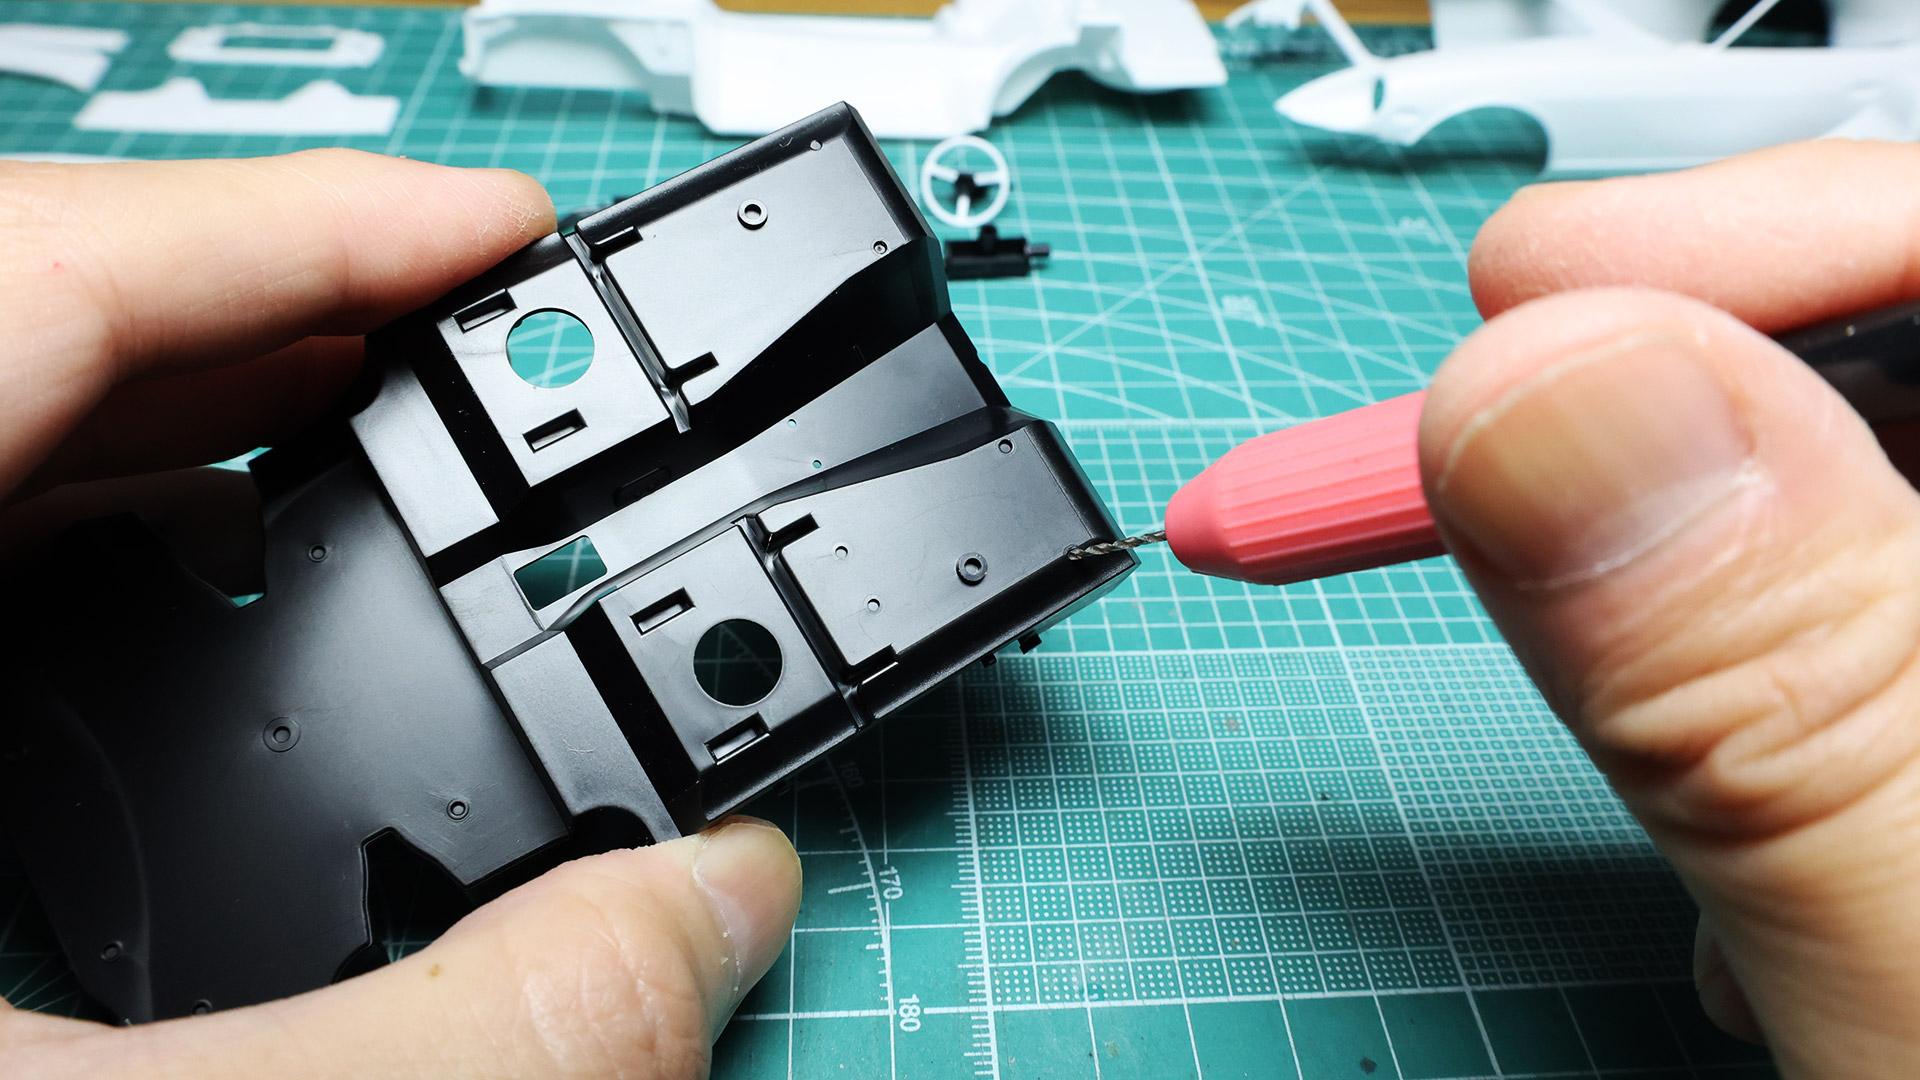 裏側から穴あけしますので左右を間違えないようにしましょう。裏から流し込みタイプの接着剤で固定します